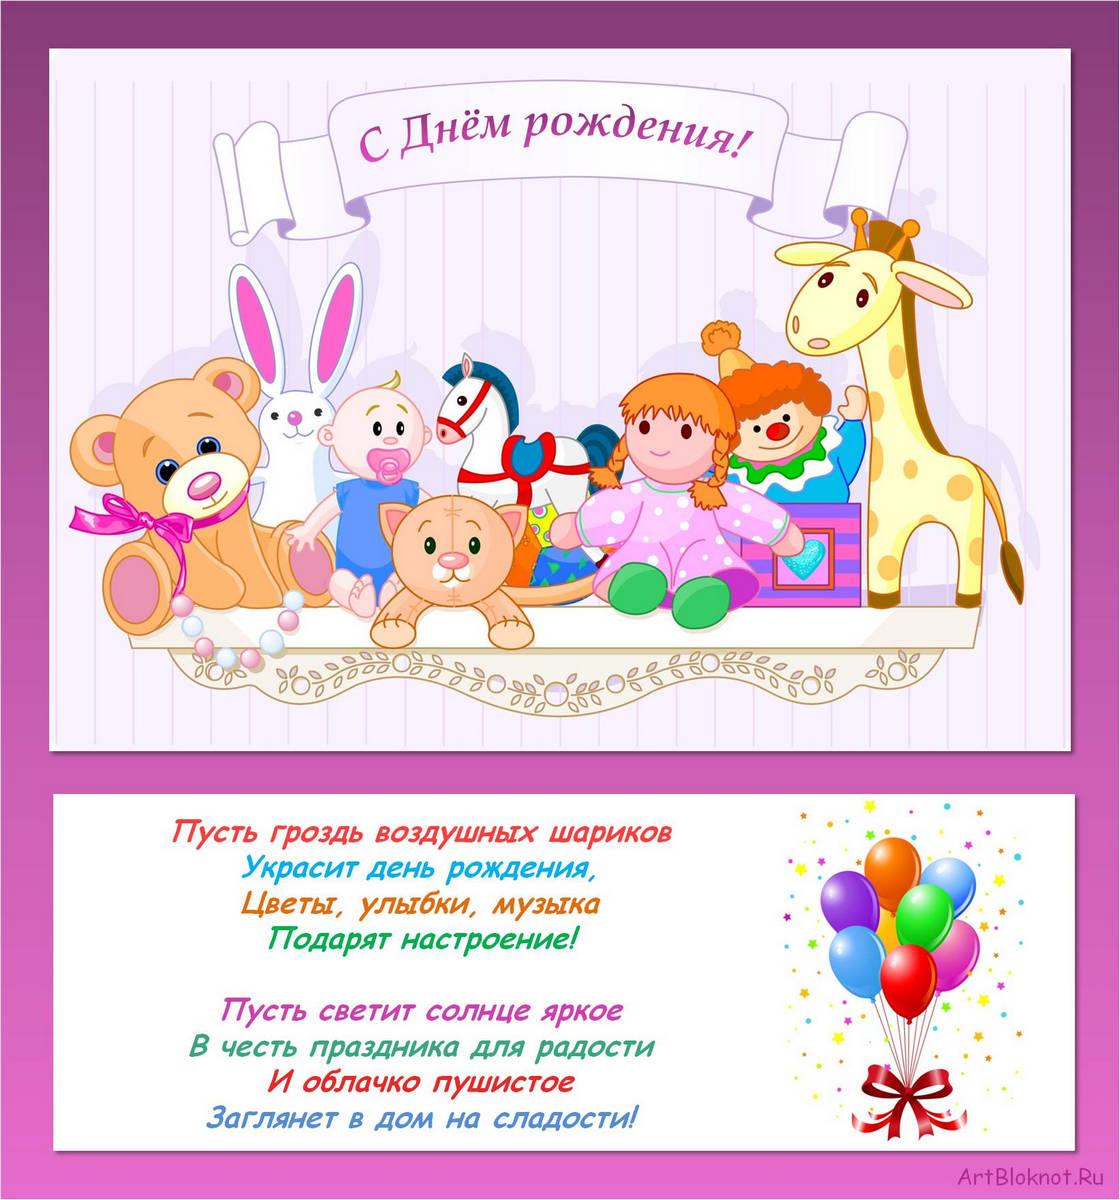 Год, открытки с поздравлением двойняшкам детям с днем рождения 2 года